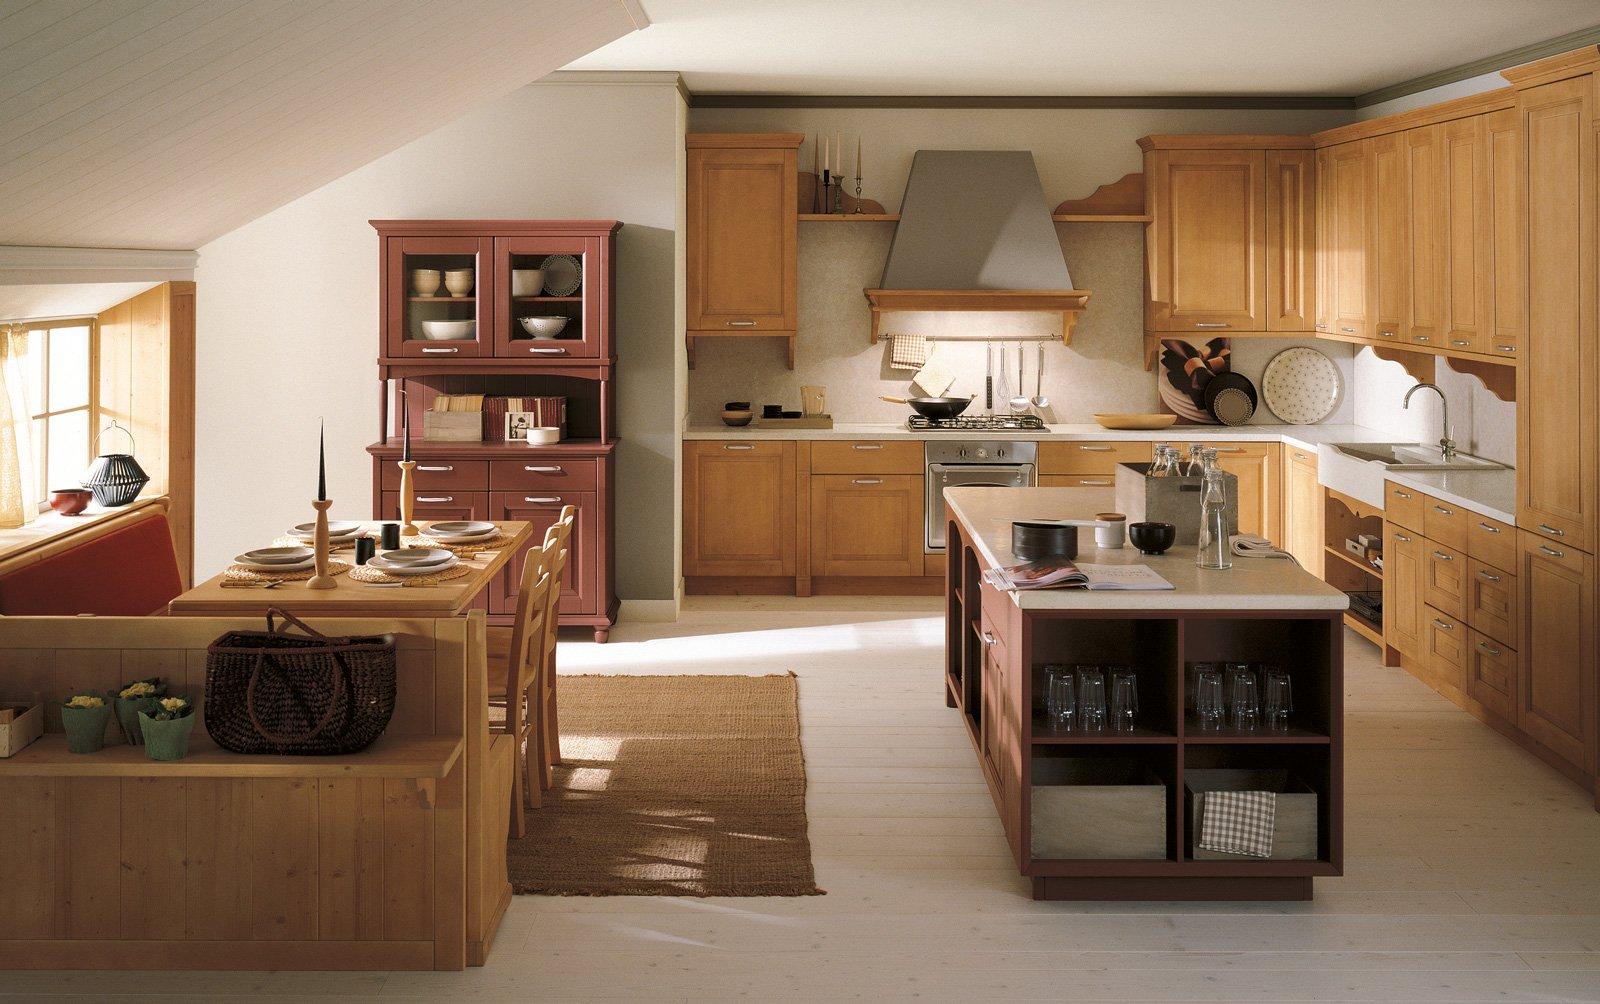 Cucine bicolore l 39 alternanza cromatica fa tendenza cose for Arredamento lussuoso